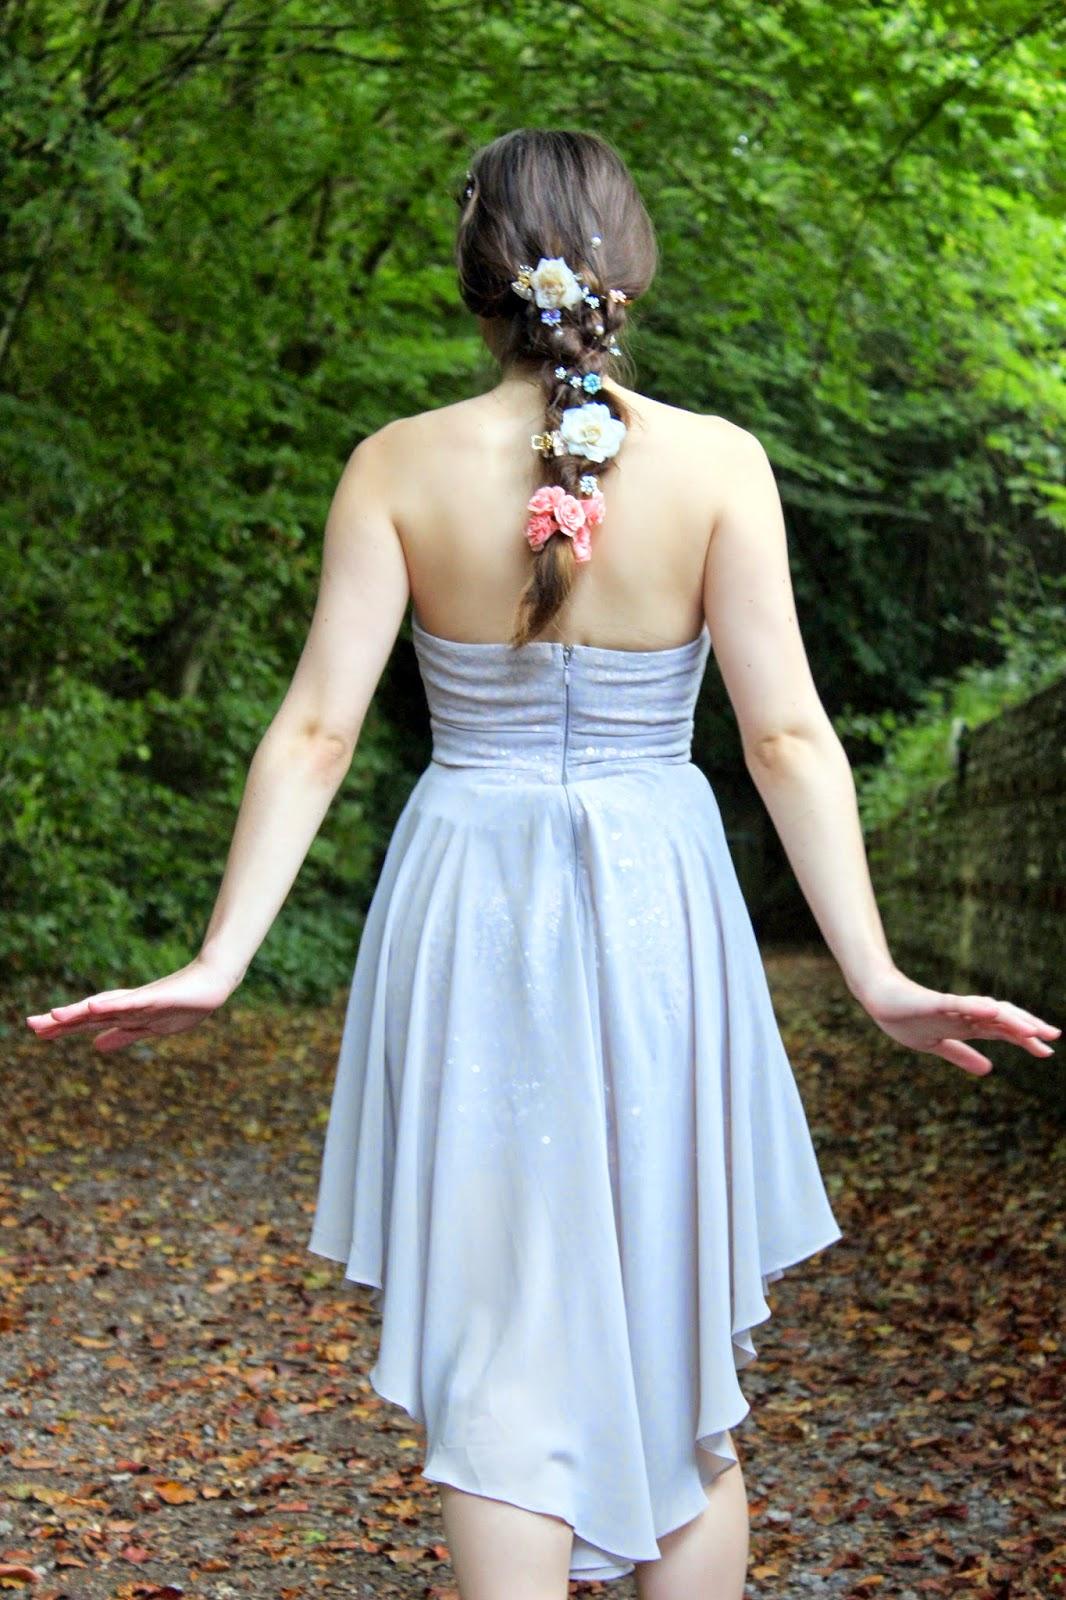 Rapunzel tangled fancy dress